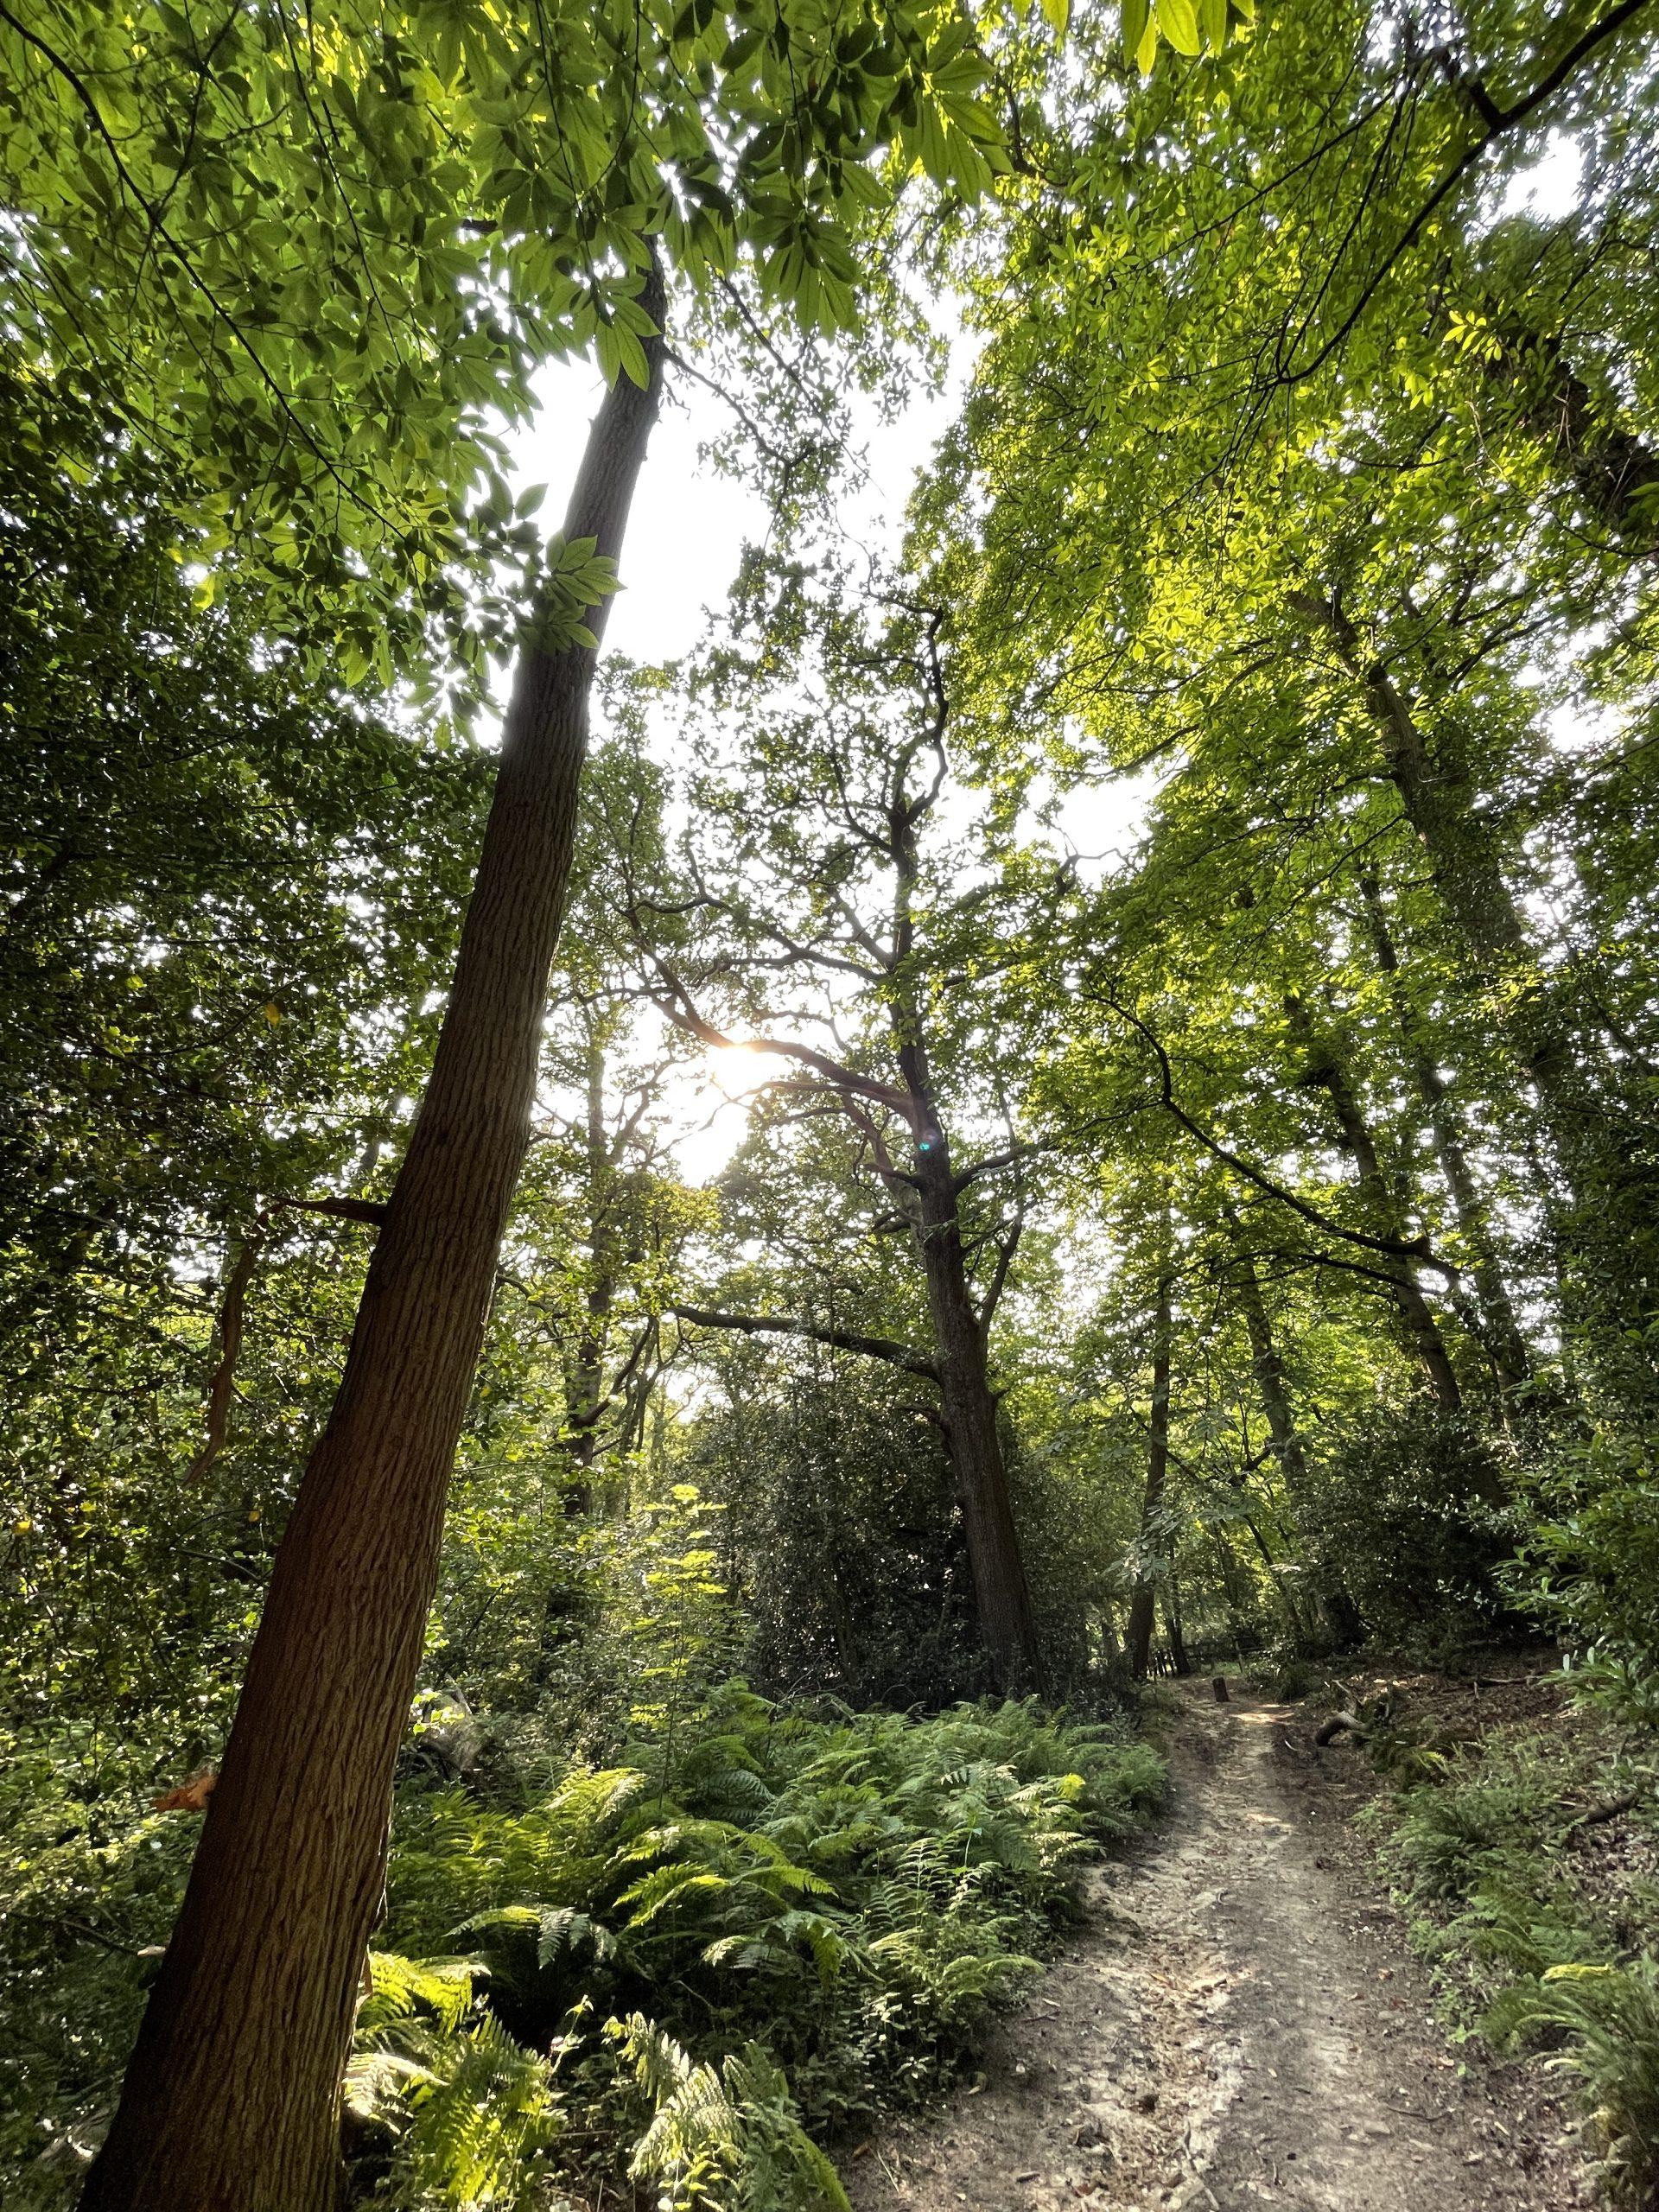 A path past a single tall tree amongst woodland greenery